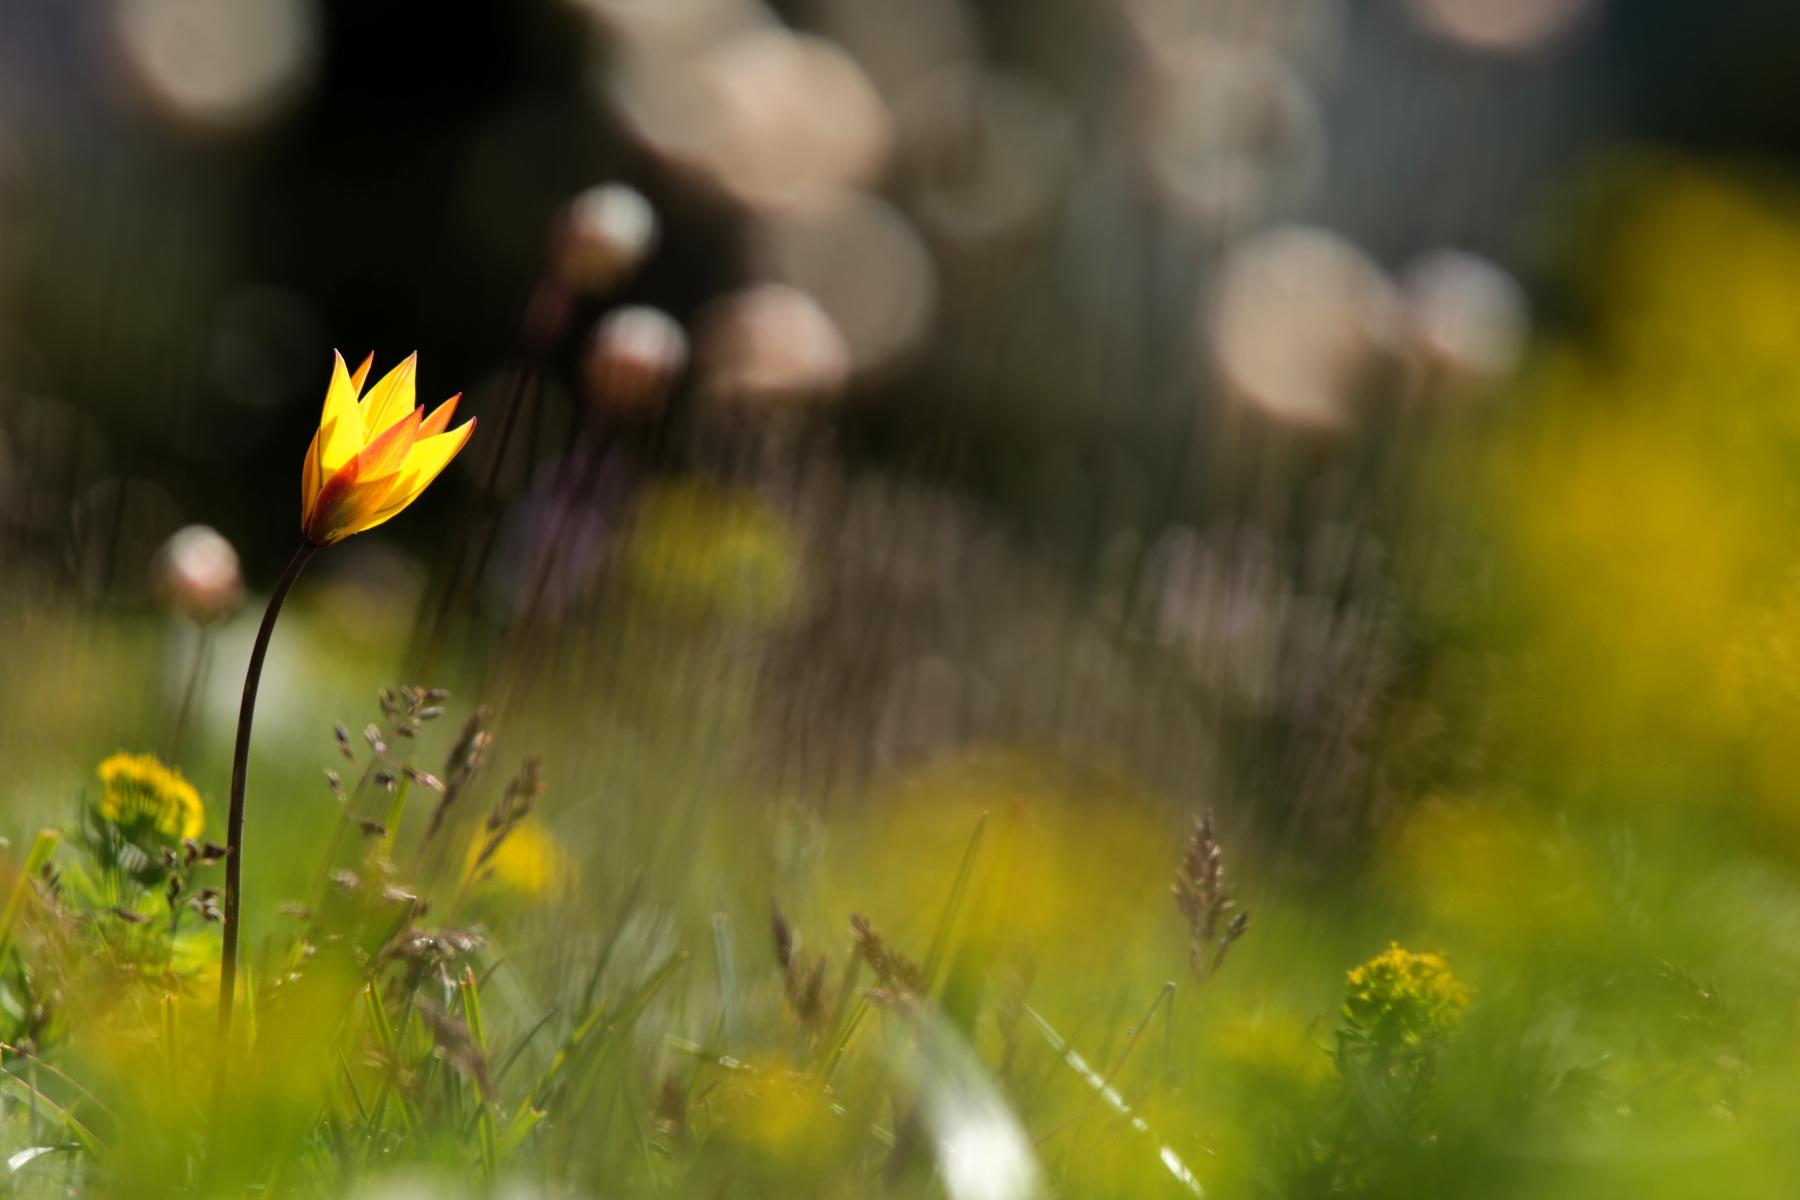 Tulipe australe - Tulipa sylvestris subsp australis - Wild tulip